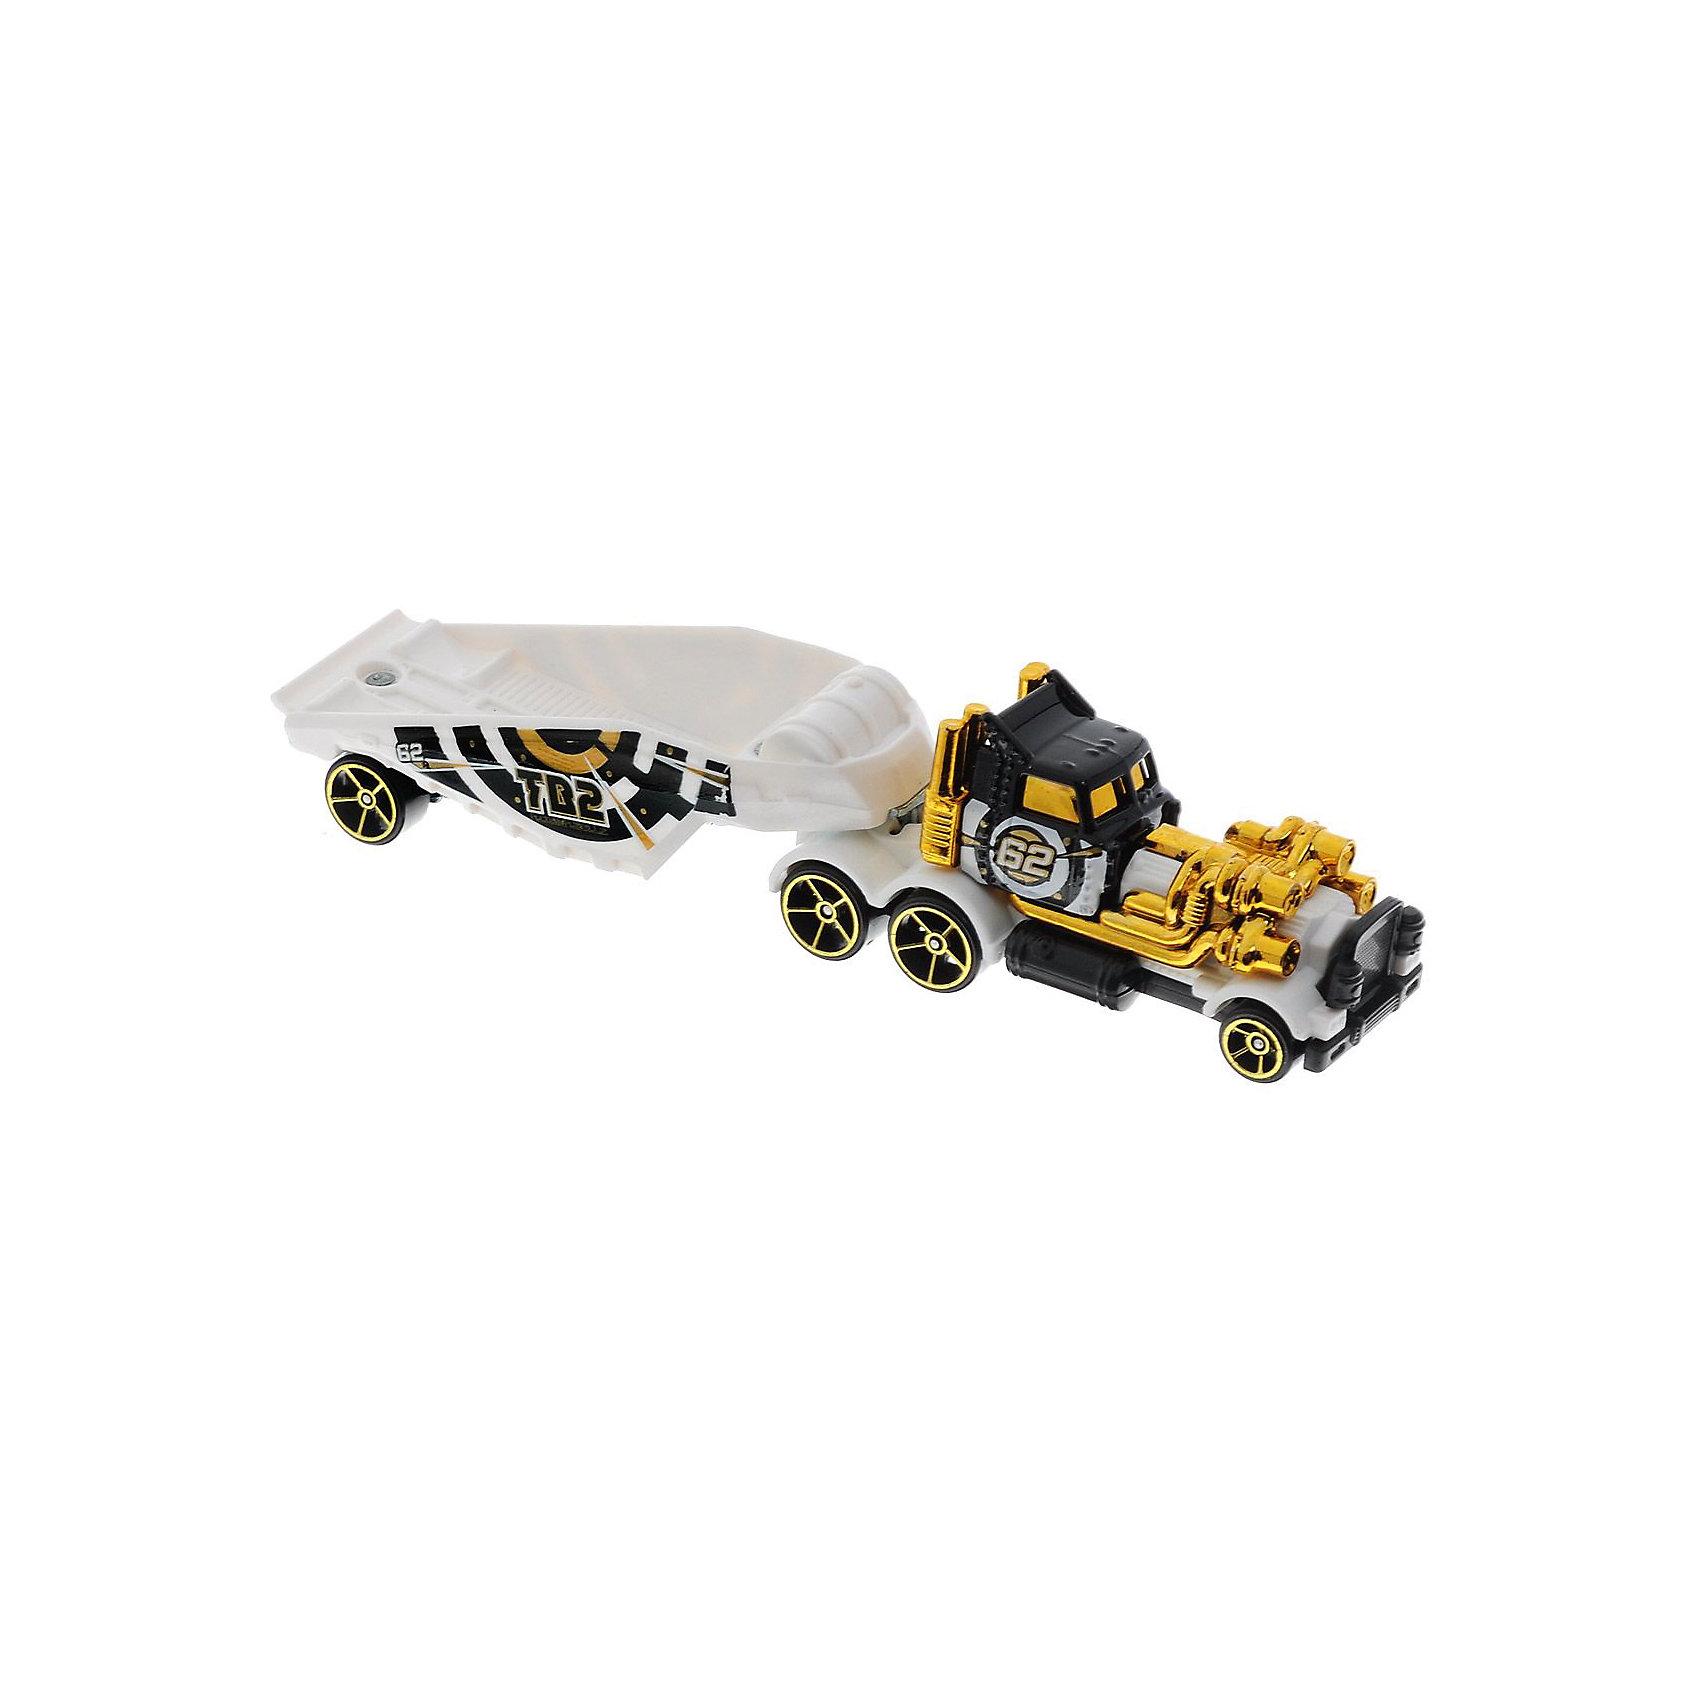 Трейлер базовой коллекции, Hot Wheels«Трейлер» базовой комплектации, Hot Wheels (Хот Вилс) – потрясающе реалистичный грузовик-трейлер, который придется по душе любому мальчишке.  Трейлер выполнен из металла, а значит сможет выдержать любые испытания, которые приготовит для него Ваш ребенок. В трейлерах-грузовиках Hot Wheels (Хот Вилс) есть возможность менять прицепы, что позволяет каждый раз создавать новые комбинации.  <br><br>Дополнительная информация: <br><br>- Материал: пластик <br>- Длина: около 28 см  <br><br>«Трейлер» базовой комплектации, Hot Wheels (Хот Вилс) – прекрасный подарок для Вашего ребенка. Ему непременно захочется собрать всю коллекцию и каждый раз создавать новый вид трейлеров.  <br><br>«Трейлер» базовой комплектации, Hot Wheels (Хот Вилс) можно купить в нашем магазине.<br><br>Ширина мм: 40<br>Глубина мм: 130<br>Высота мм: 110<br>Вес г: 126<br>Возраст от месяцев: 48<br>Возраст до месяцев: 96<br>Пол: Мужской<br>Возраст: Детский<br>SKU: 4744530